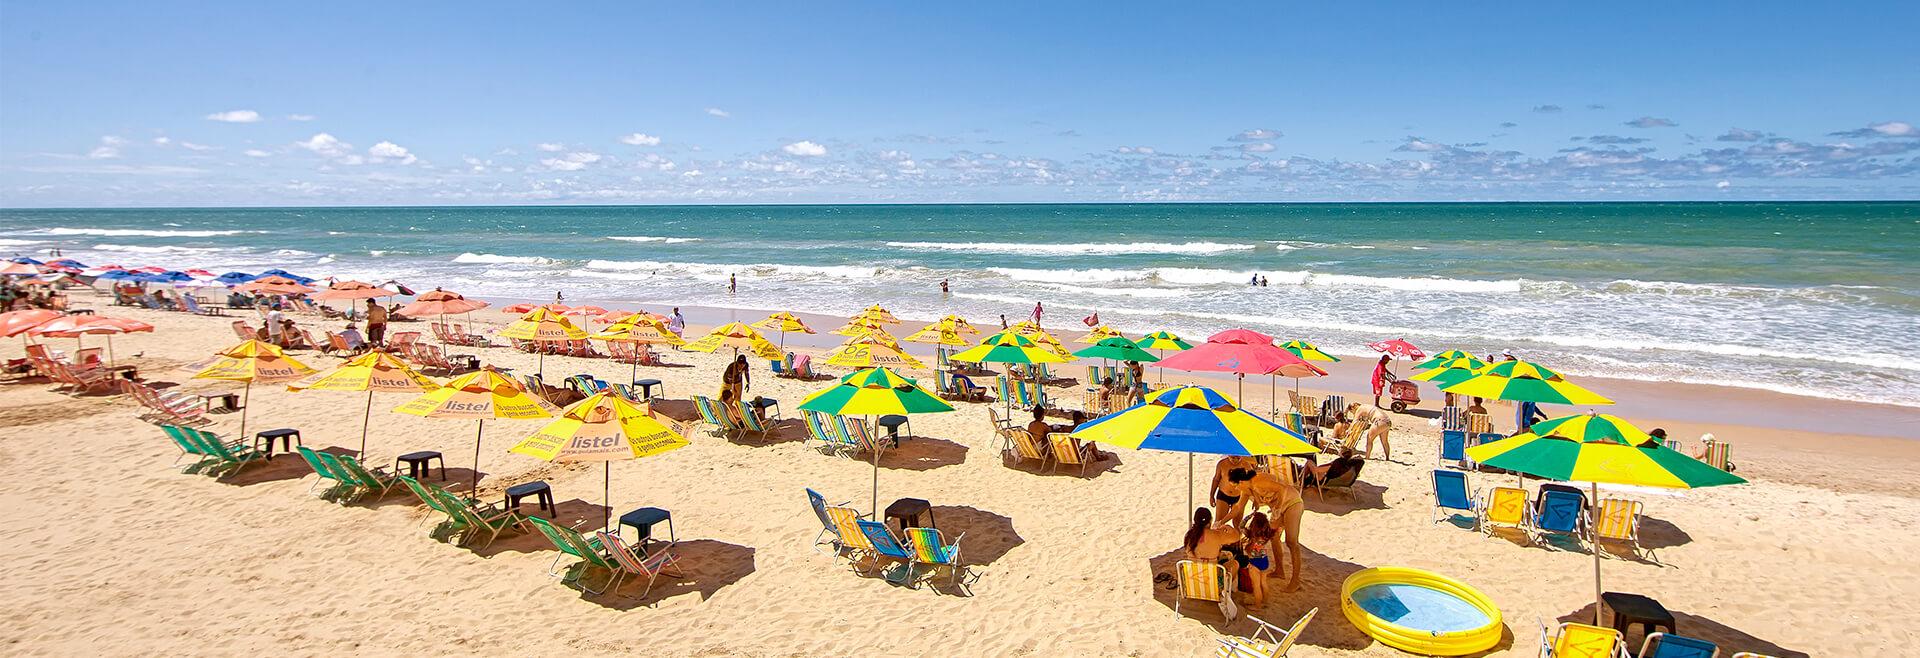 (Português) Praia de Boa Viagem